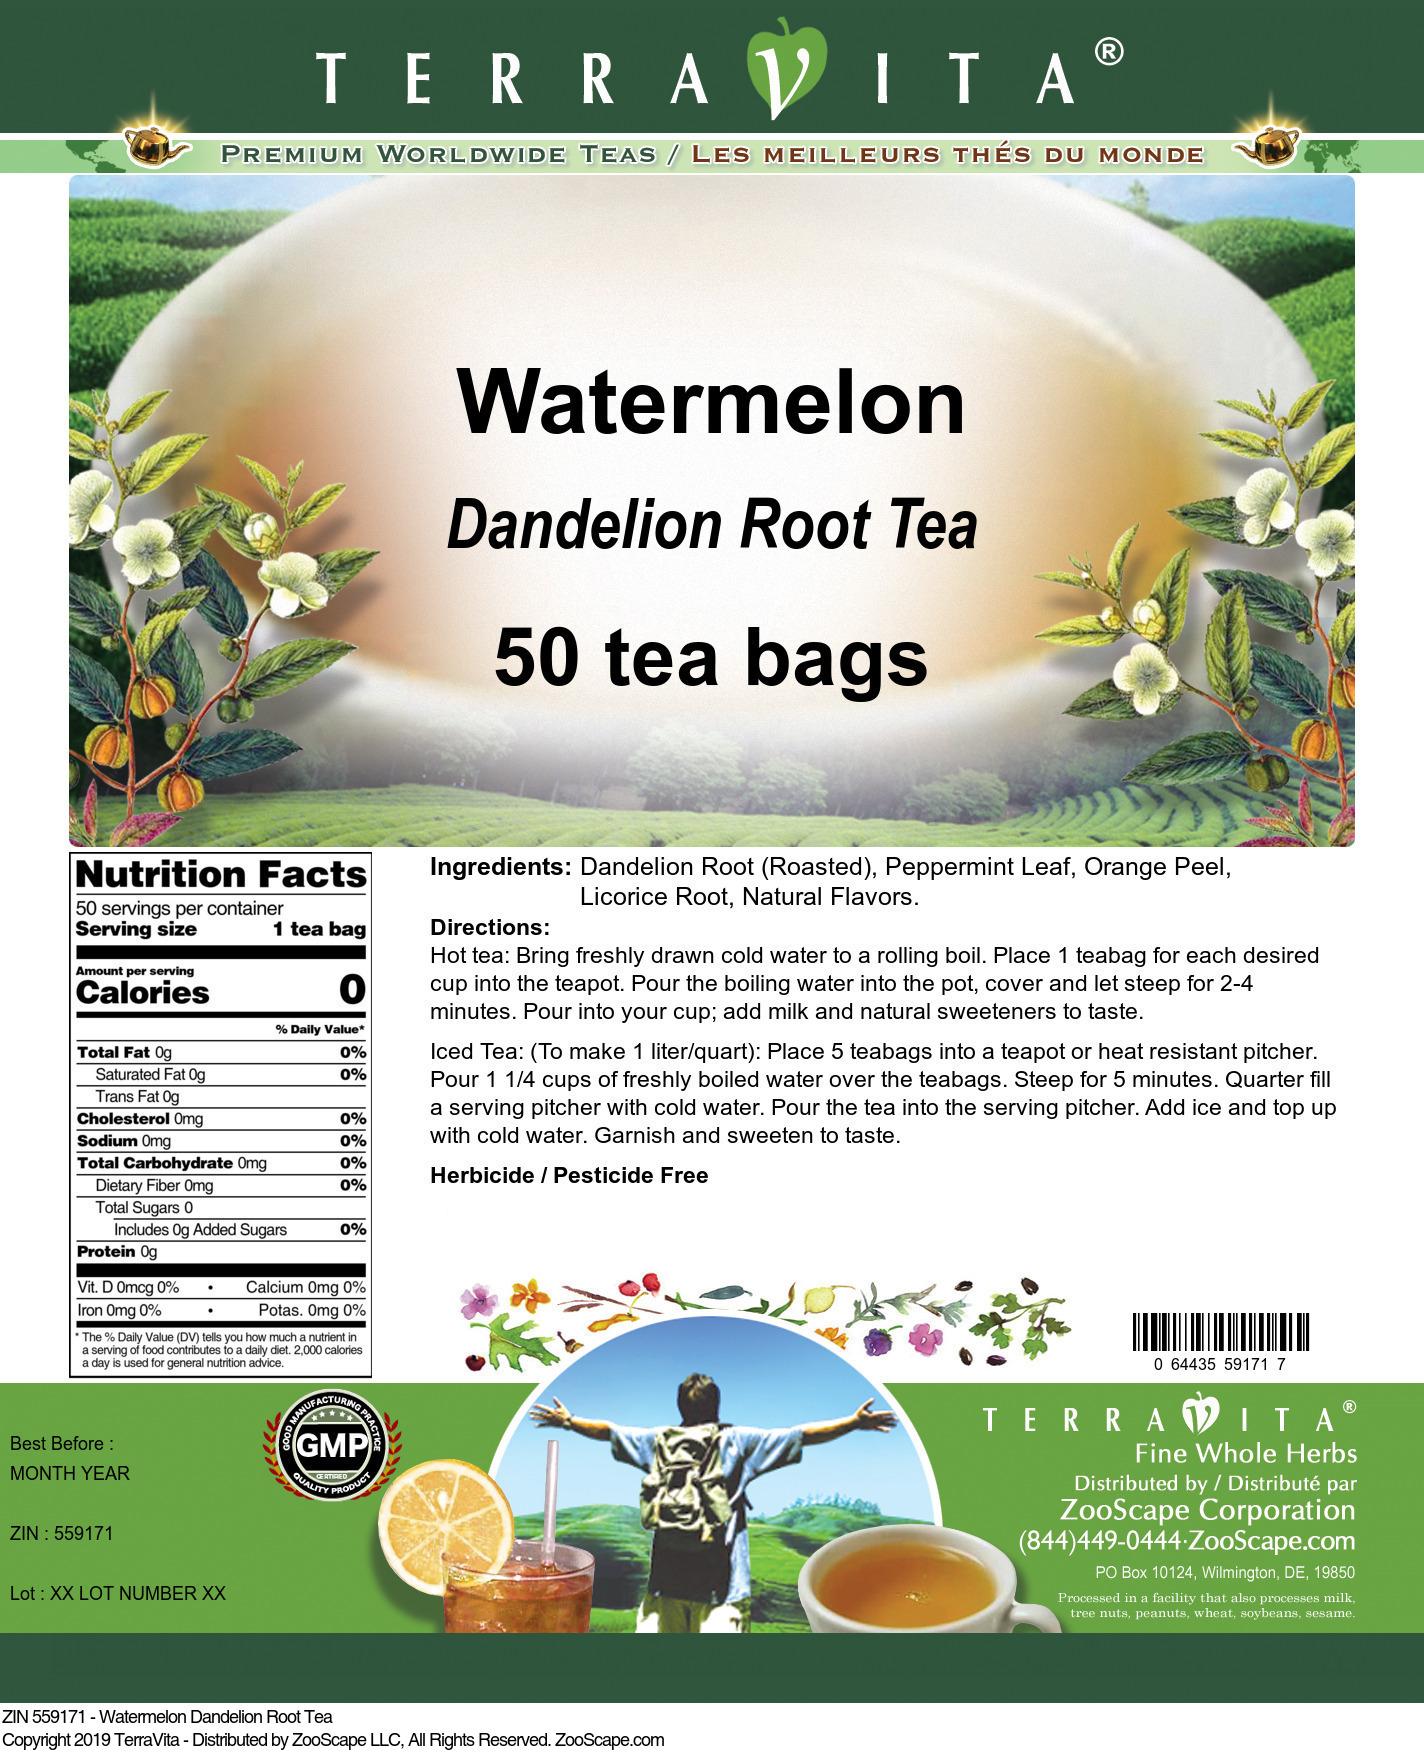 Watermelon Dandelion Root